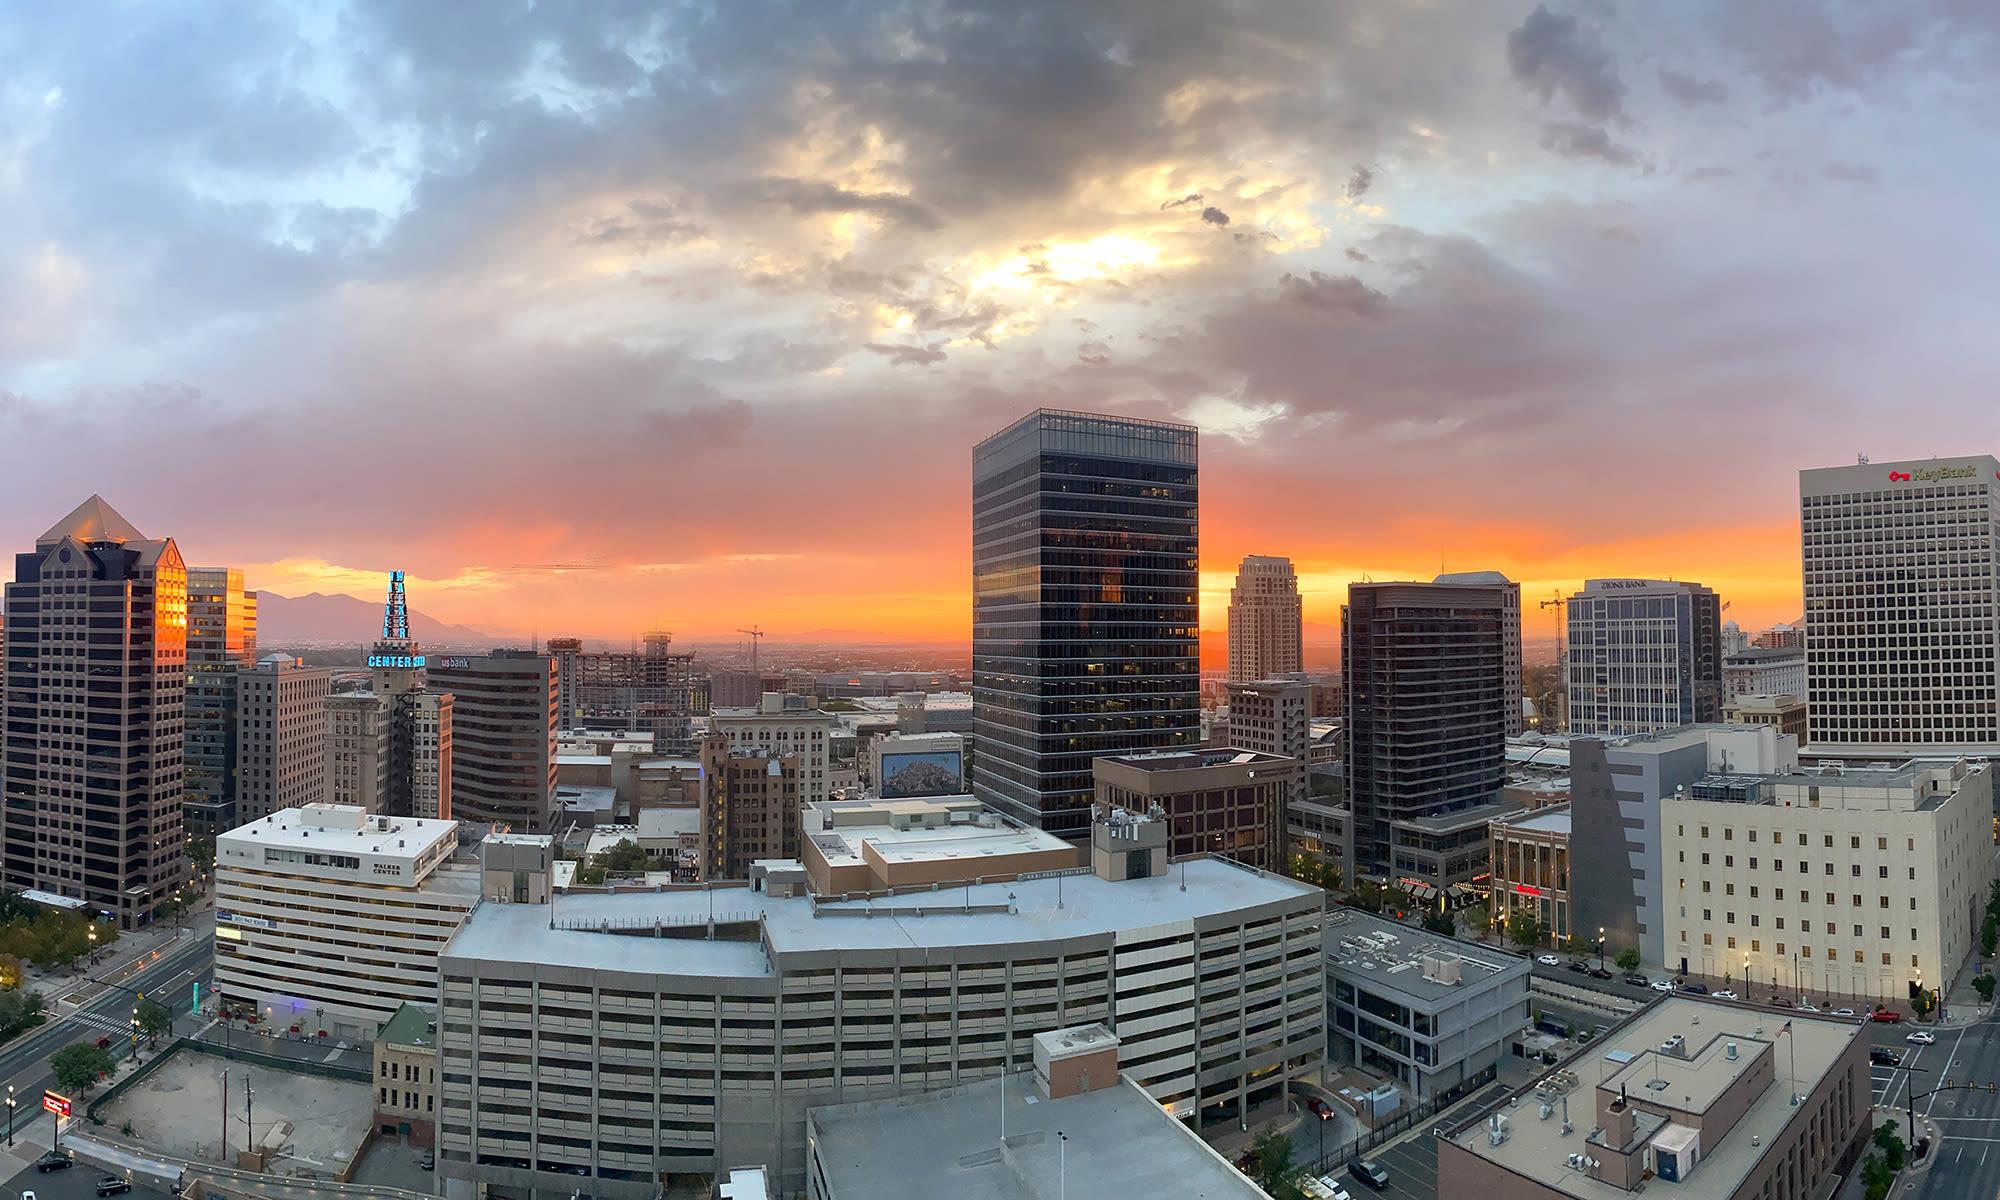 Sunset at Liberty SKY in Salt Lake City, Utah